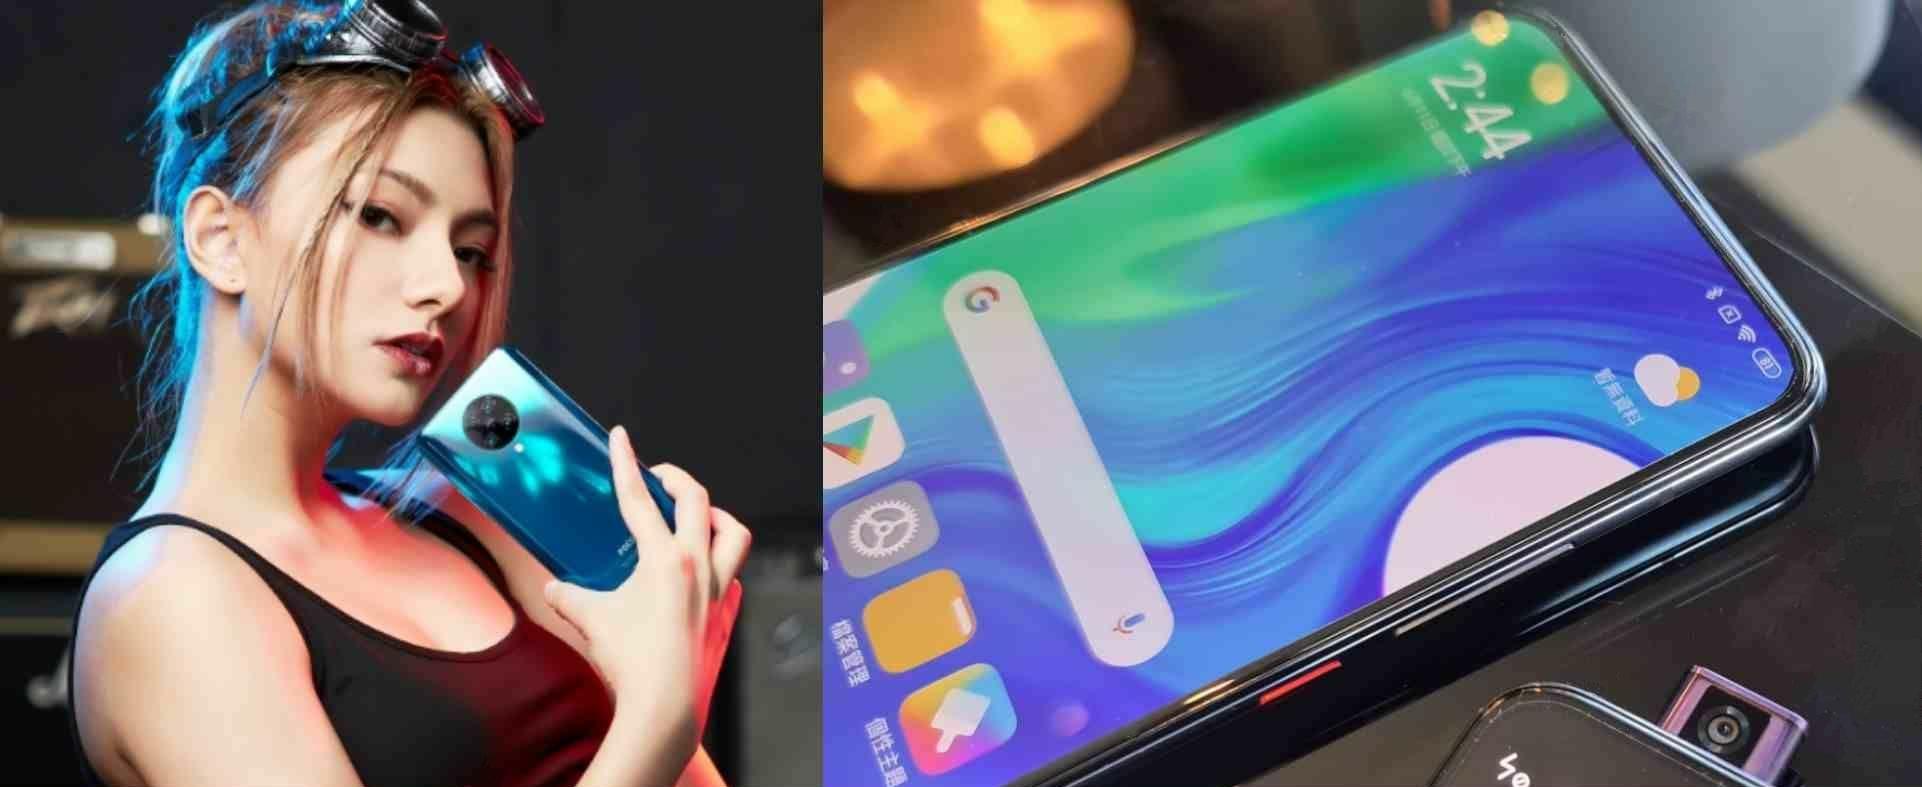 Xiaomi привезла в Россию рекордно быстрый смартфон по минимальной цене